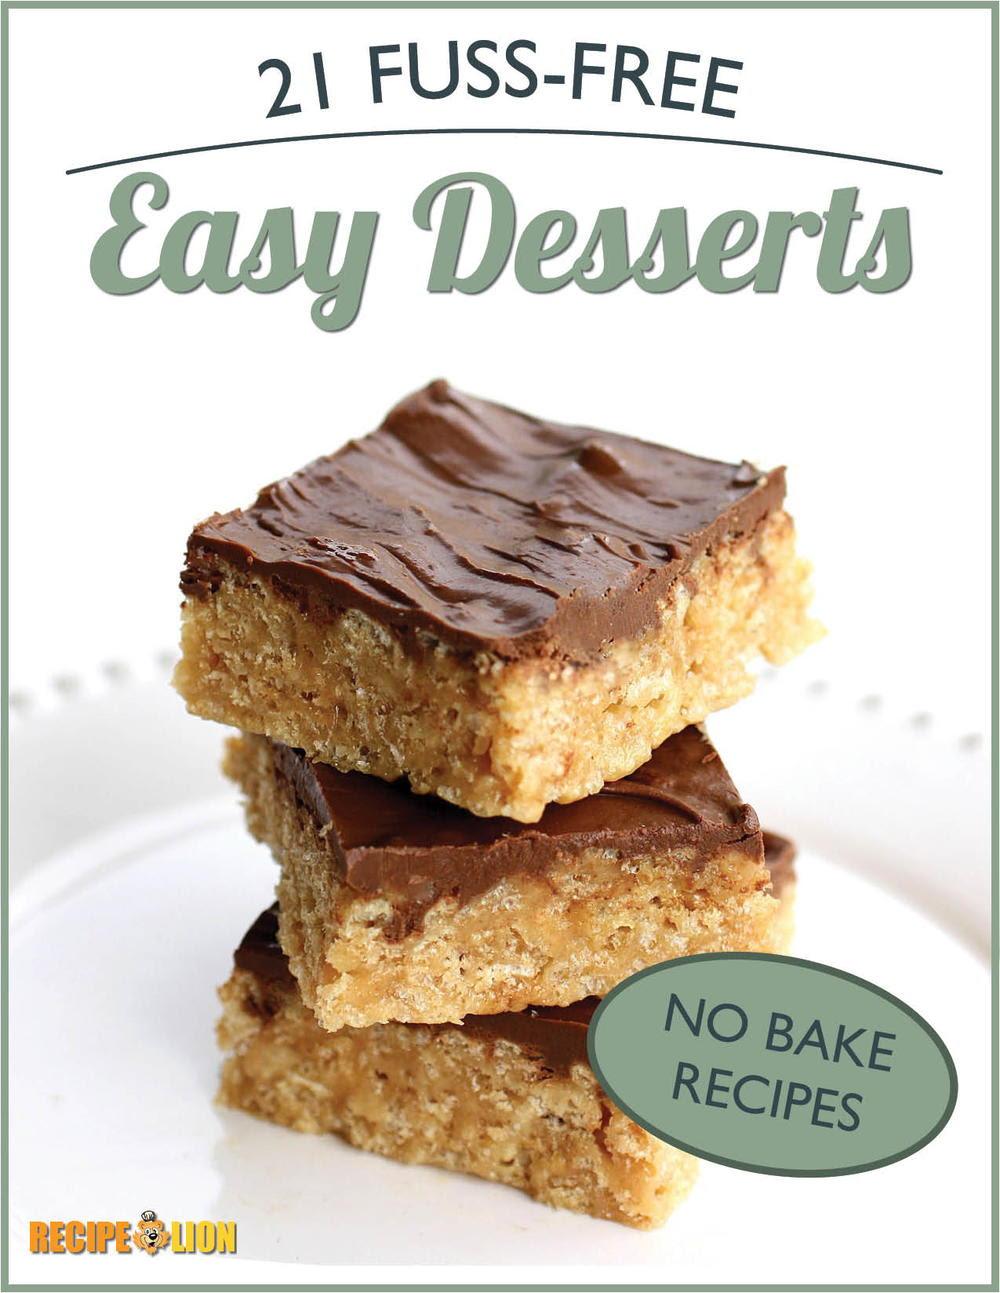 No Bake Recipes 21 Fuss Free Easy Desserts Ecookbook Recipelion Com